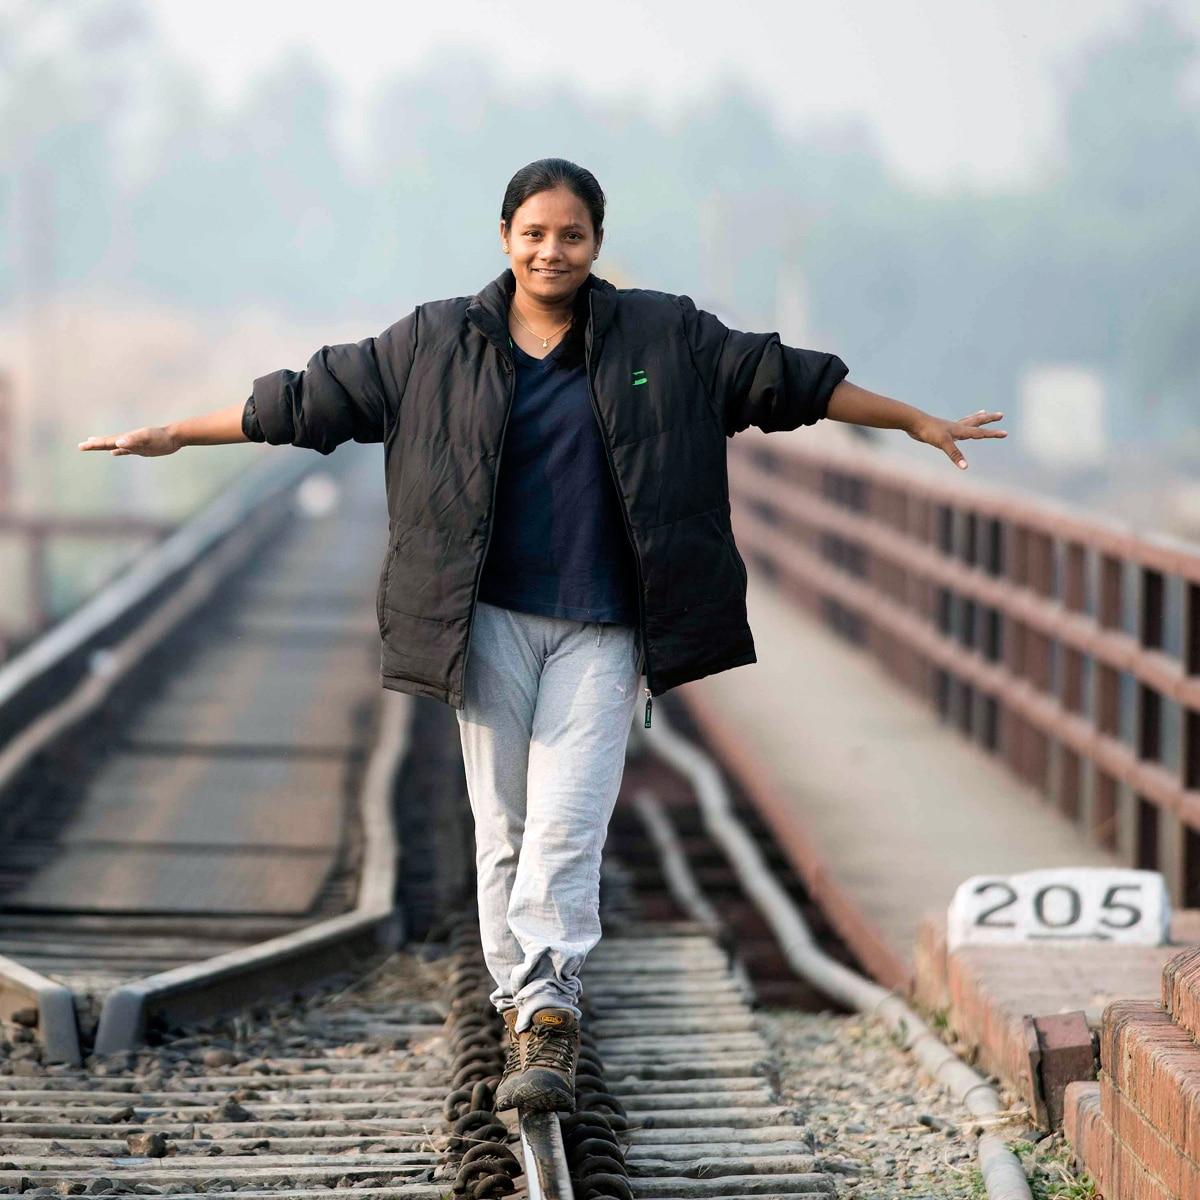 KBC का सलाम: हादसे में खोए पैर, फिर भी हौसले से फतेह किया माउंट एवरेस्ट -  Television AajTak